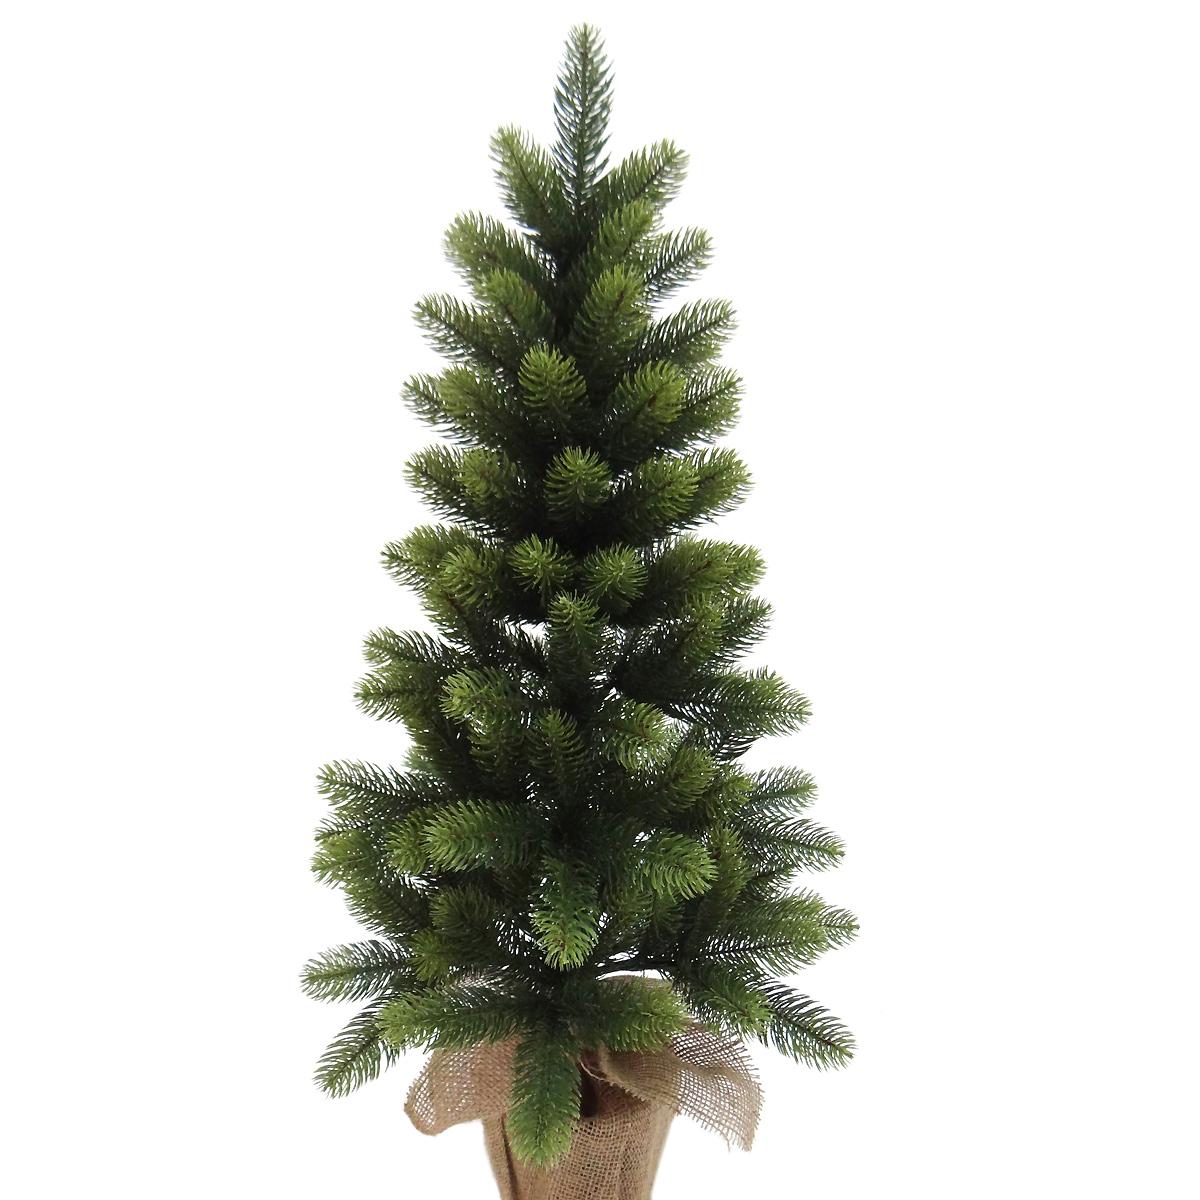 Ель искусственная Елизавета, напольная, высота 90 смHJT09-90 PVC+PEИскусственная ель Елизавета - прекрасный вариант для оформления вашего интерьера к Новому году. Такие деревья абсолютно безопасны, удобны в сборке и не занимают много места при хранении. Ель имеет подставку, выполненную в виде мешочка. Изделие быстро и легко устанавливается и имеет естественный и абсолютно натуральный вид, отличающийся от своих прототипов разве что совершенством форм и мягкостью иголок. Еловые иголочки не осыпаются, не мнутся и не выцветают со временем. Полимерные материалы, из которых они изготовлены, нетоксичны и не поддаются горению. Ель Елизавета обязательно создаст настроение волшебства и уюта, а также станет прекрасным украшением дома на период новогодних праздников.